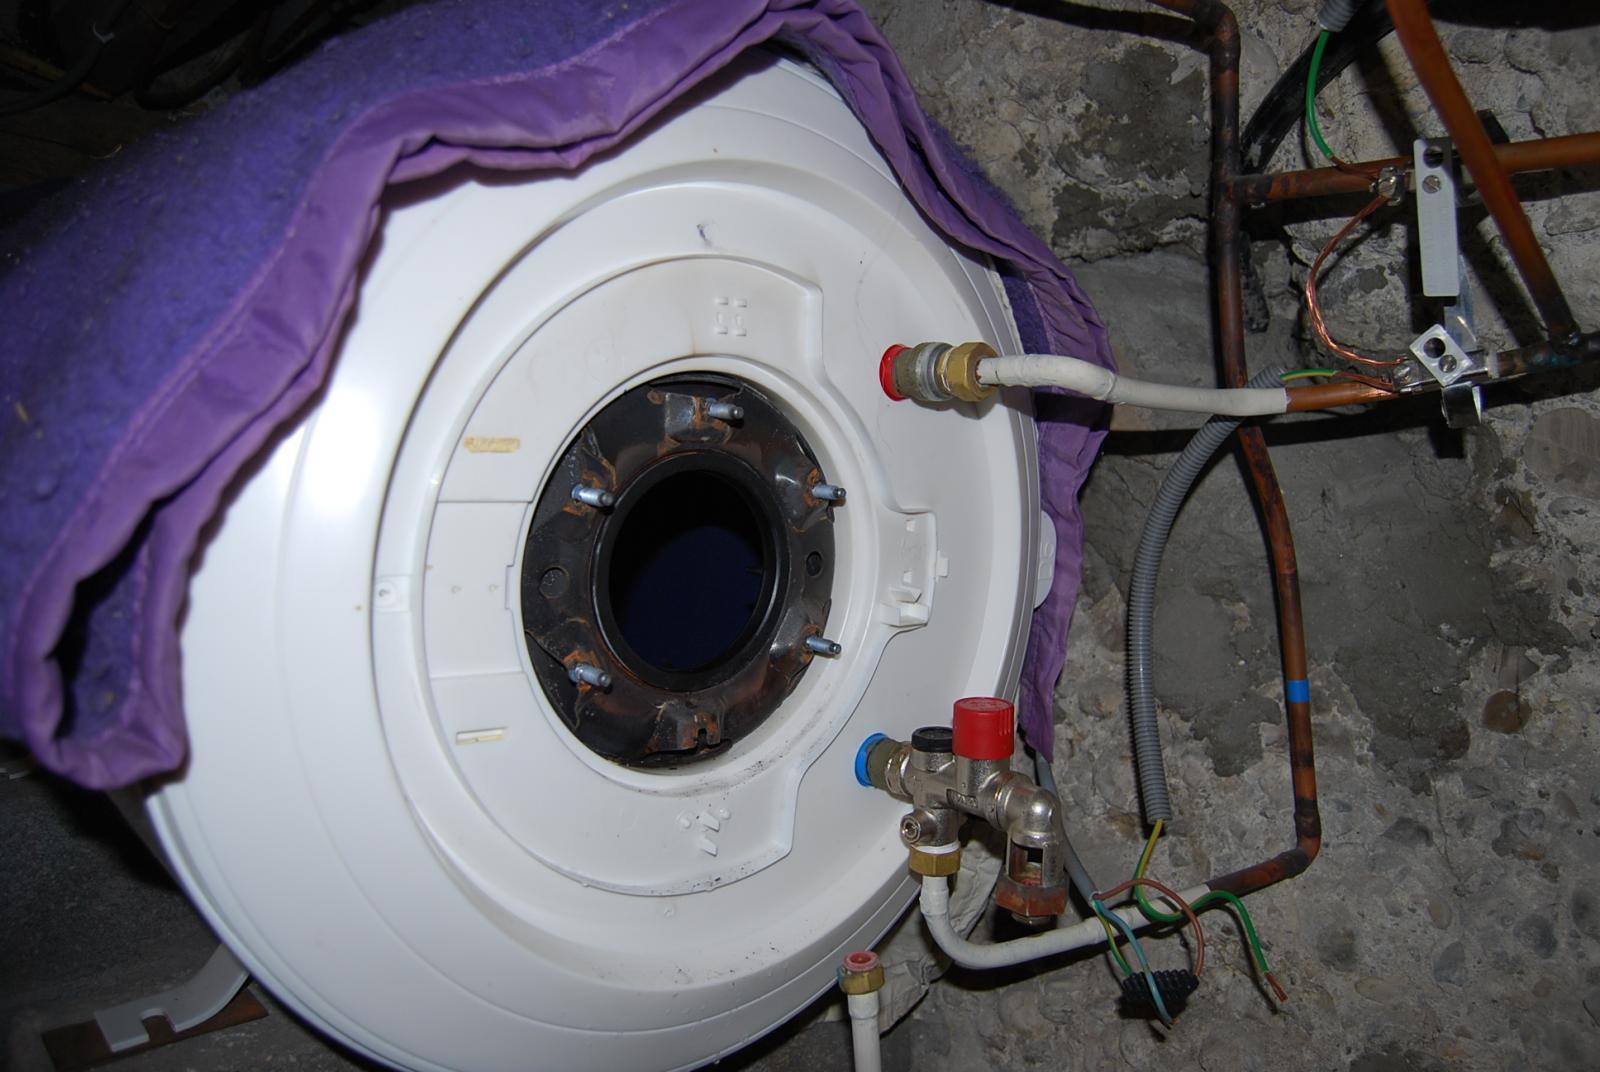 Resistance chauffe eau hs tous les 6 mois - Resistance qui chauffe ...